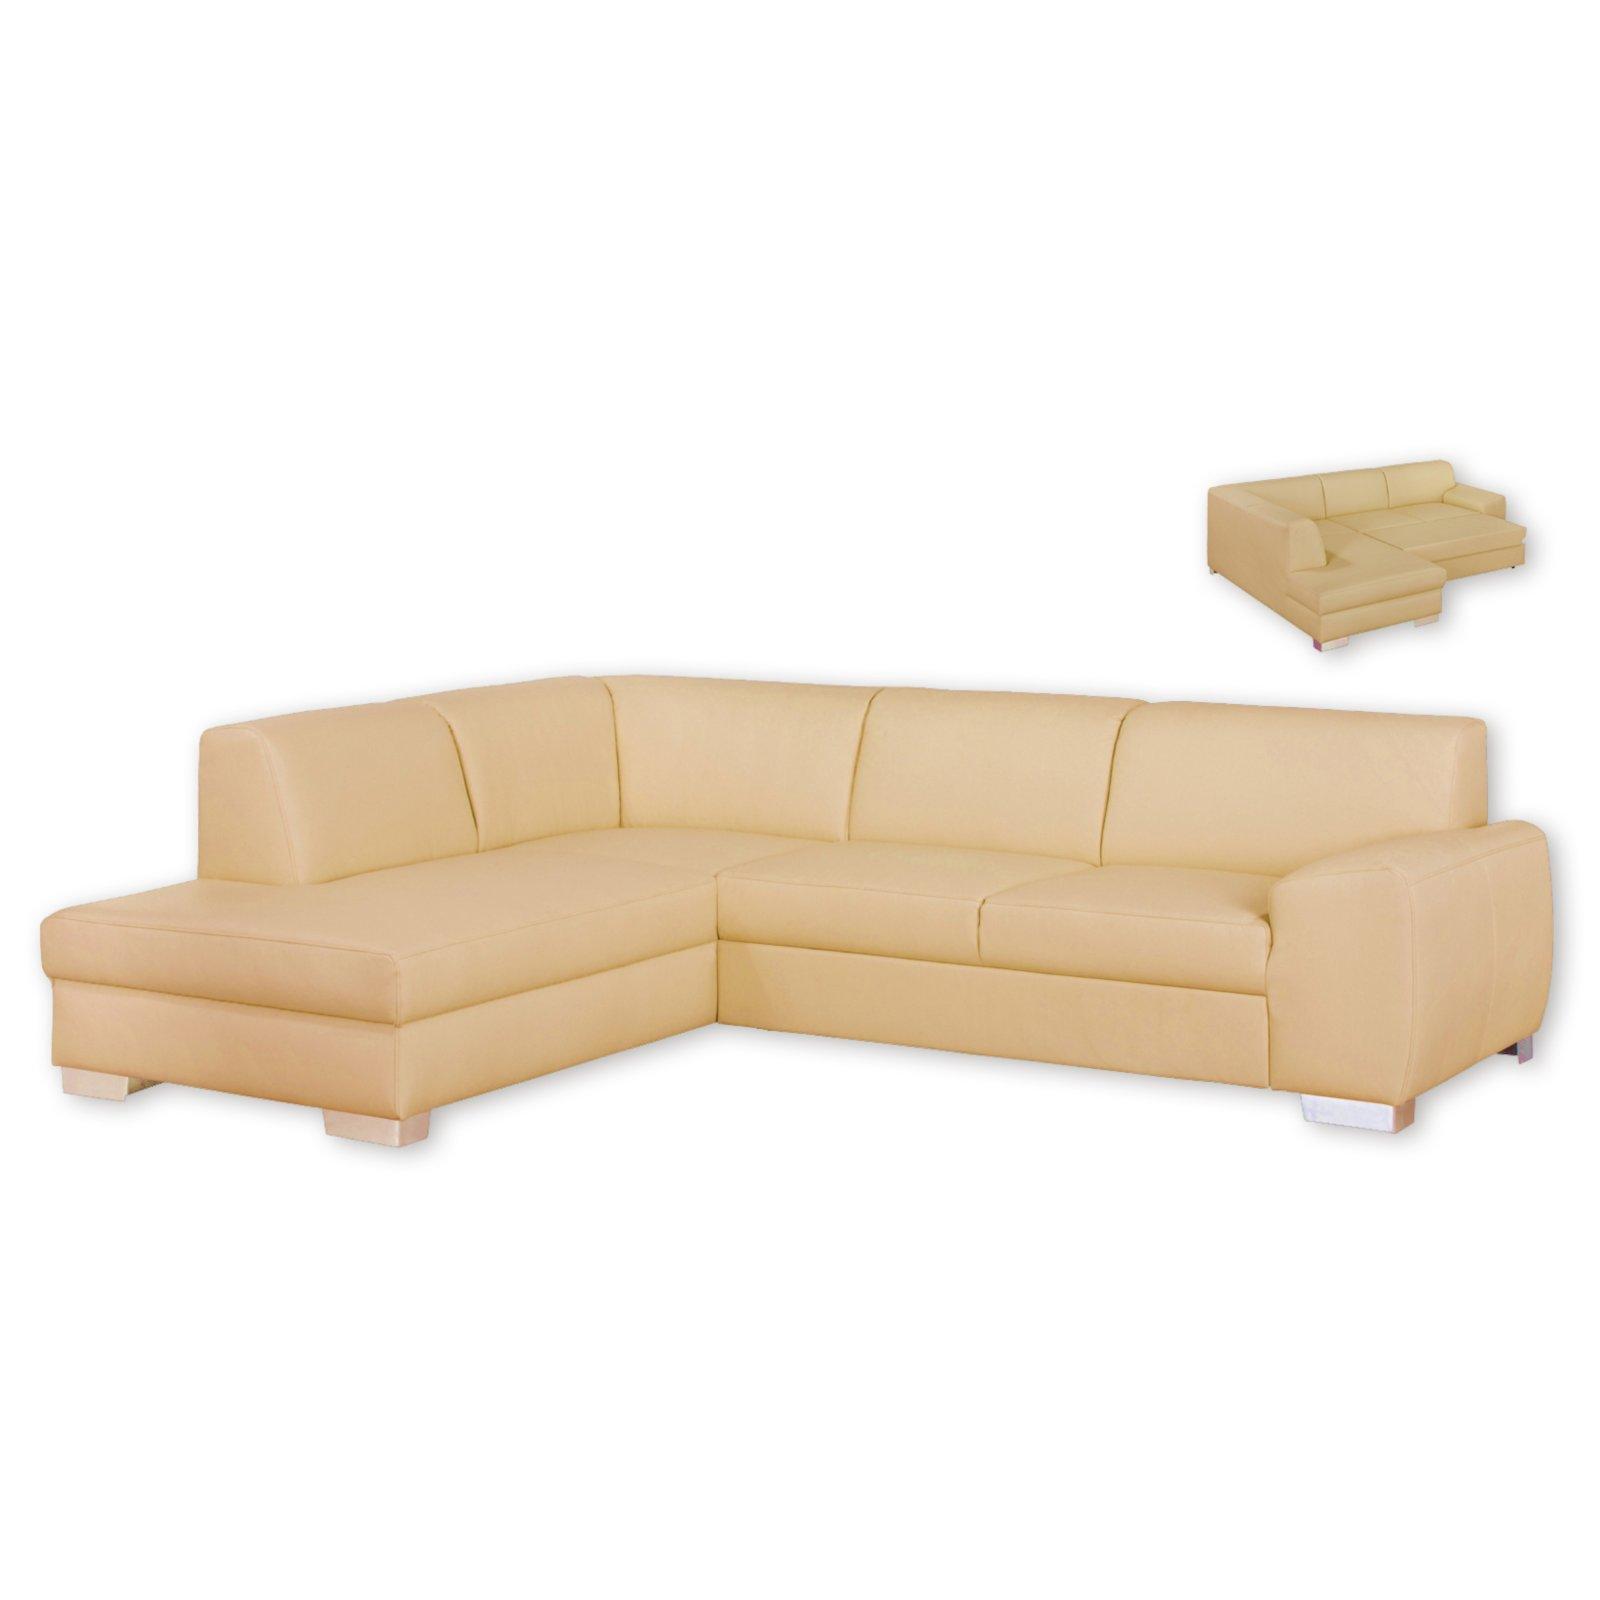 ecksofa beige liegefunktion ottomane links. Black Bedroom Furniture Sets. Home Design Ideas